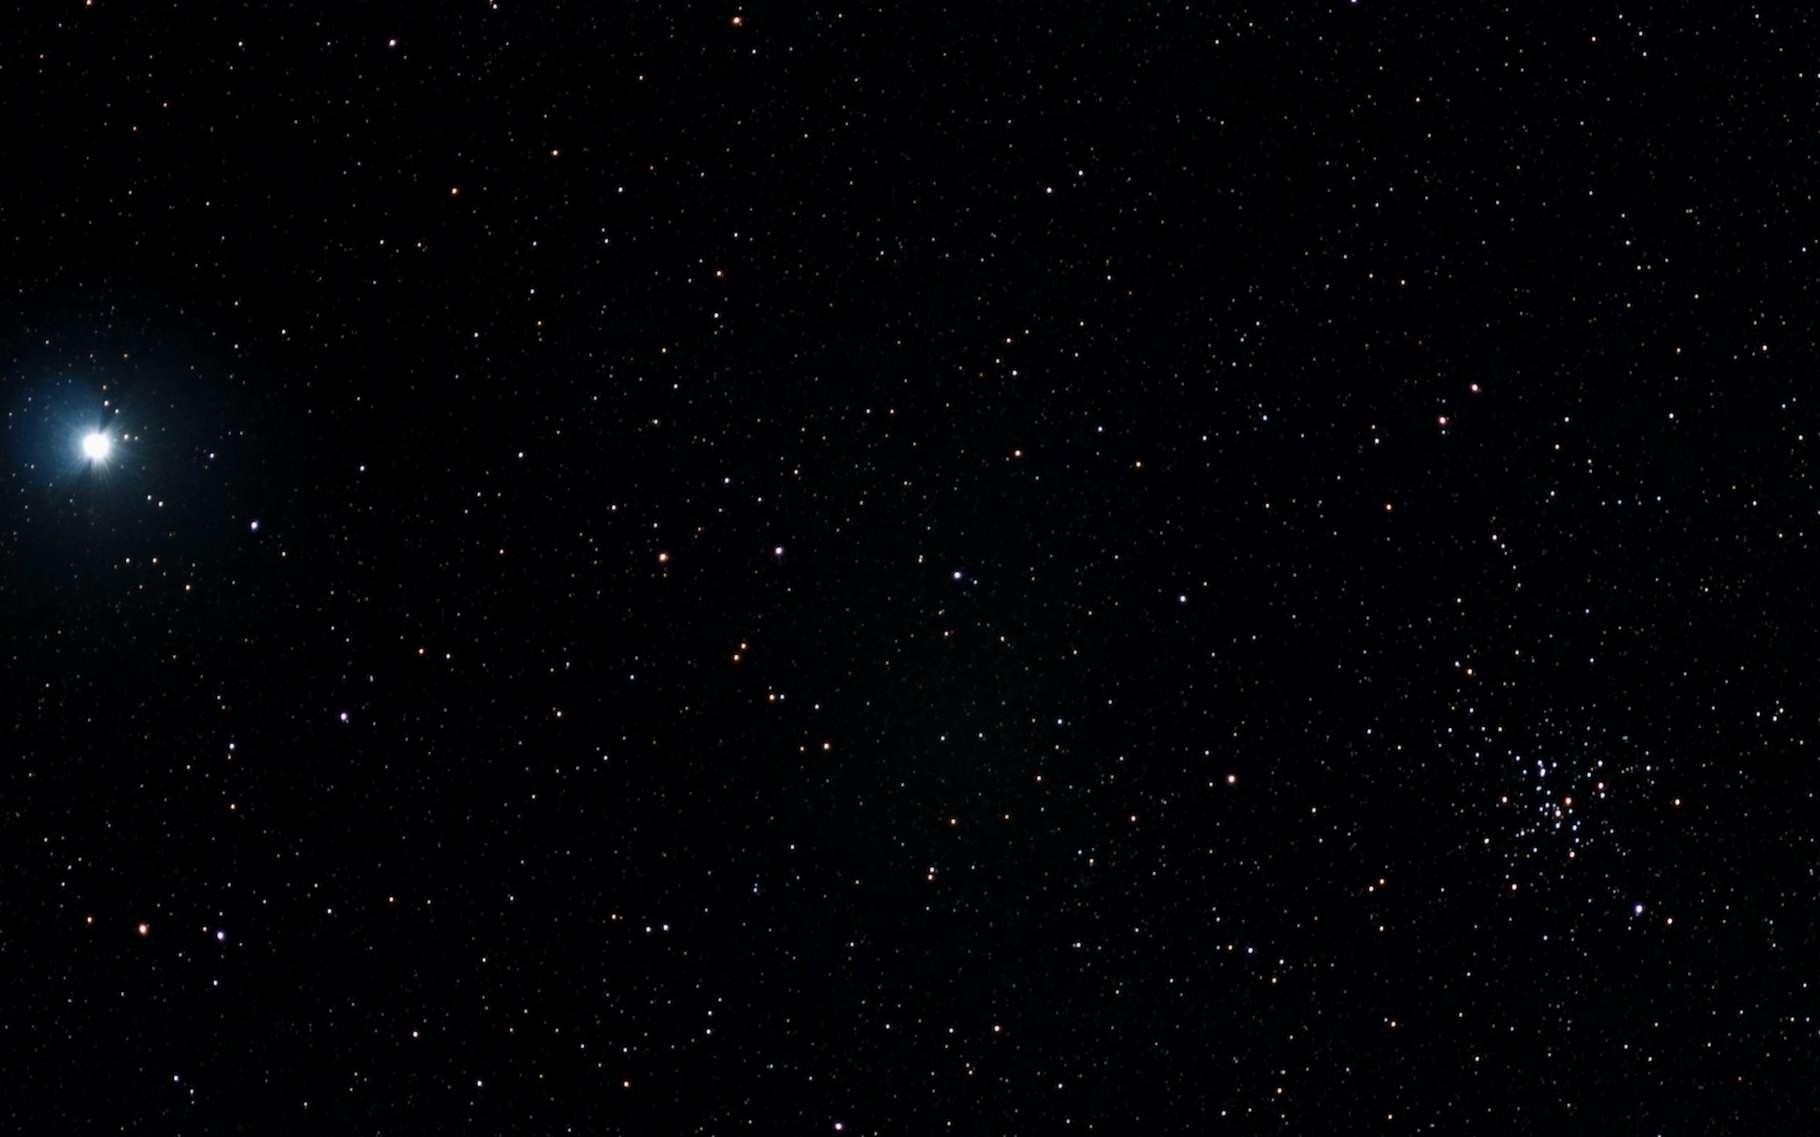 Les astronomes de l'université de l'État de Louisiane (États-Unis) prédisent que l'étoile V Sagittae nous apparaîtra plus brillante que Sirius — ici en image — en 2083. © Eduardo, Adobe Stock